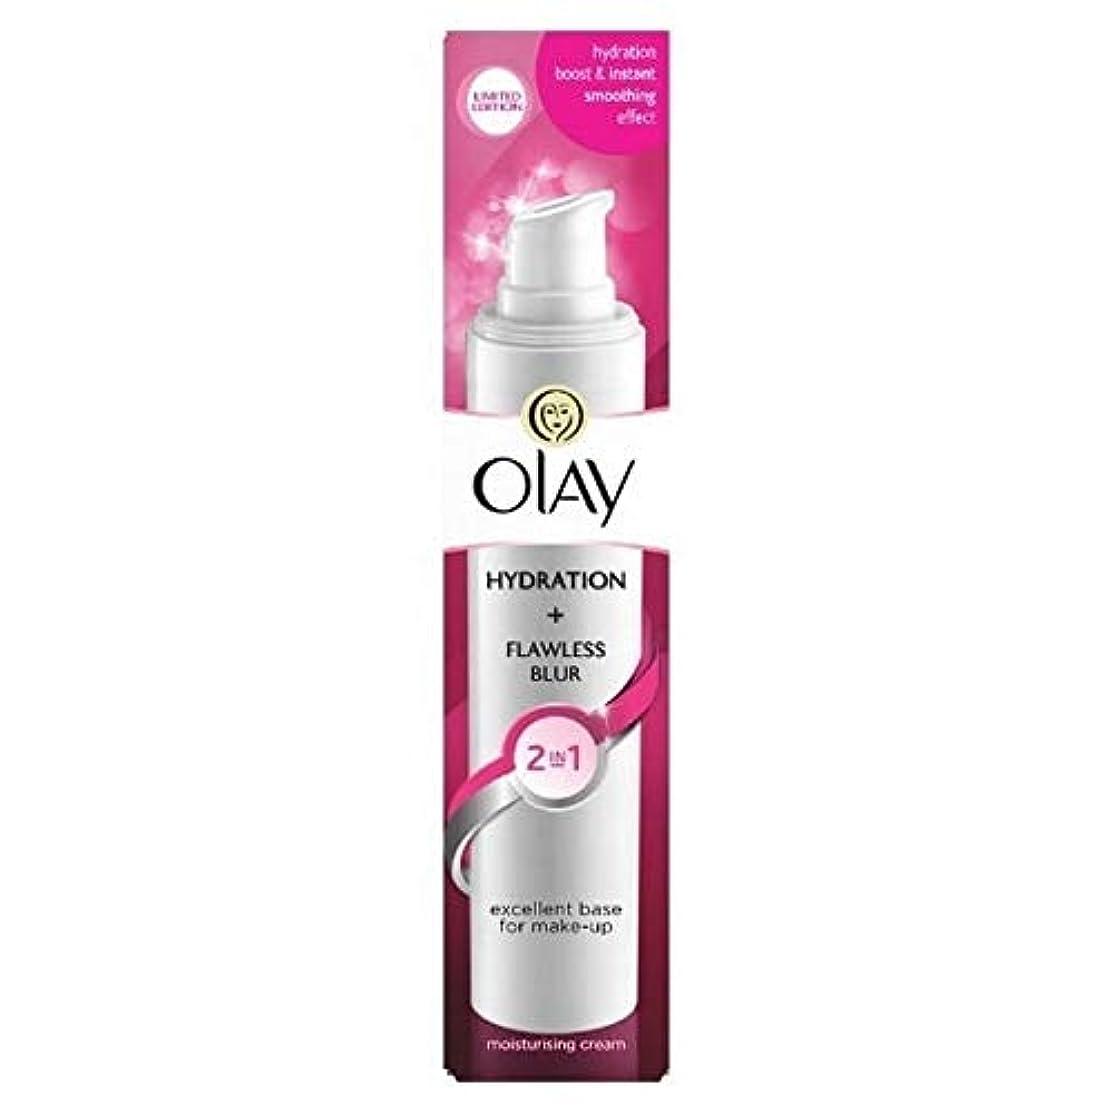 上陸知恵医薬品[Olay ] オーレイの2In1水和+完璧なぼかし保湿クリーム50ミリリットル - Olay 2in1 Hydration + Flawless Blur Moisturiser Cream 50ml [並行輸入品]